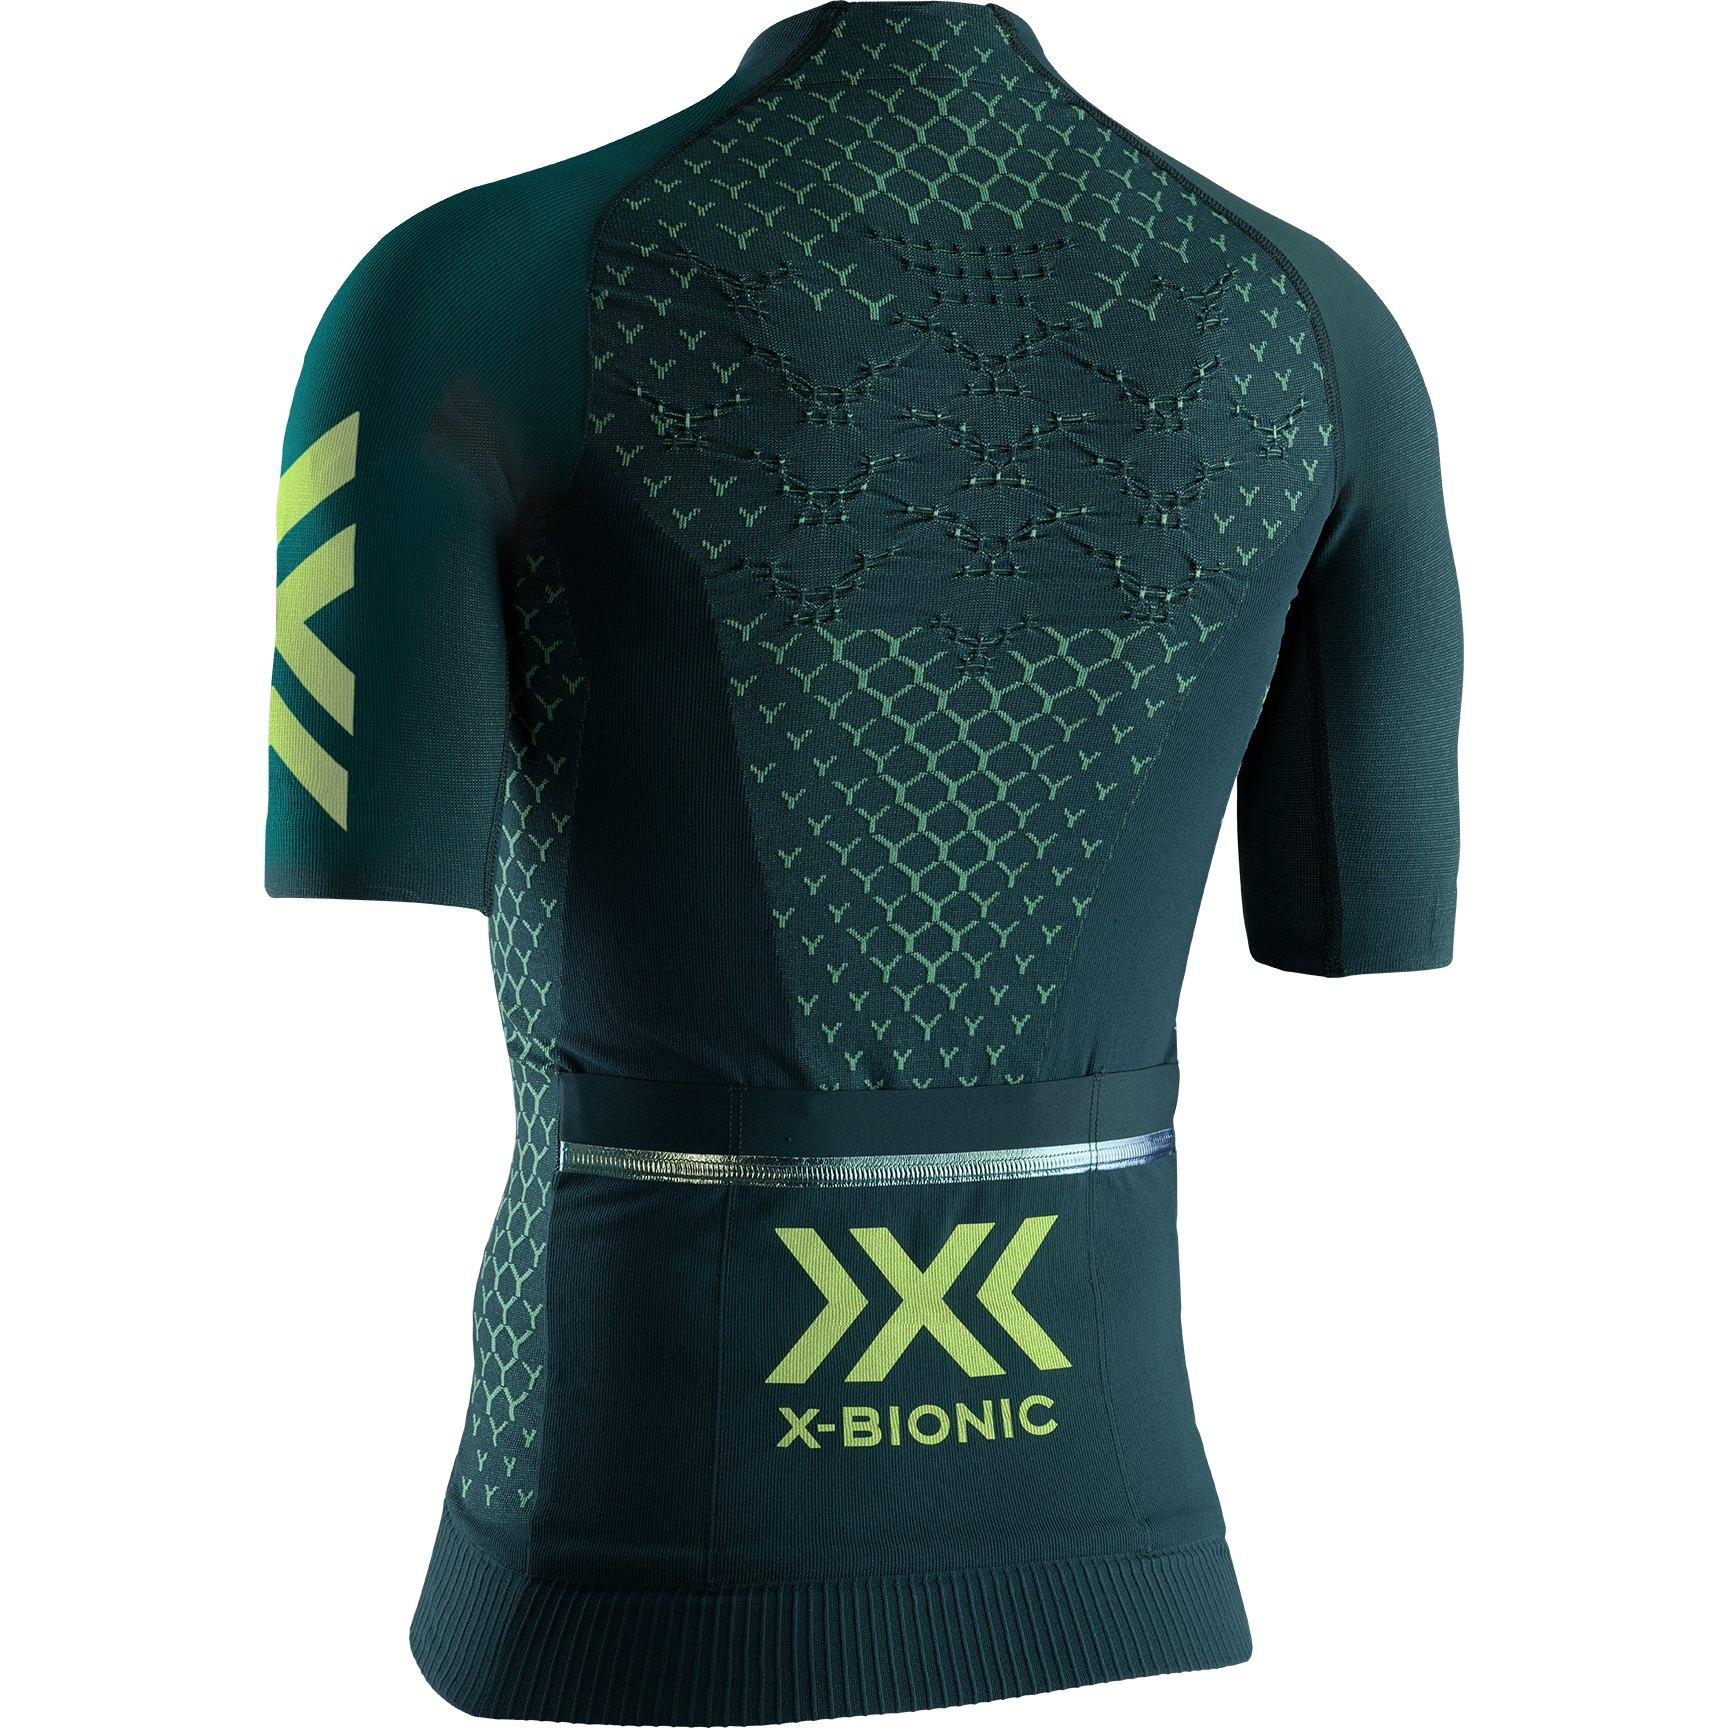 Bild von X-Bionic TWYCE 4.0 Bike Full Zip Kurzarmtrikot für Damen - pine green/amazonas green